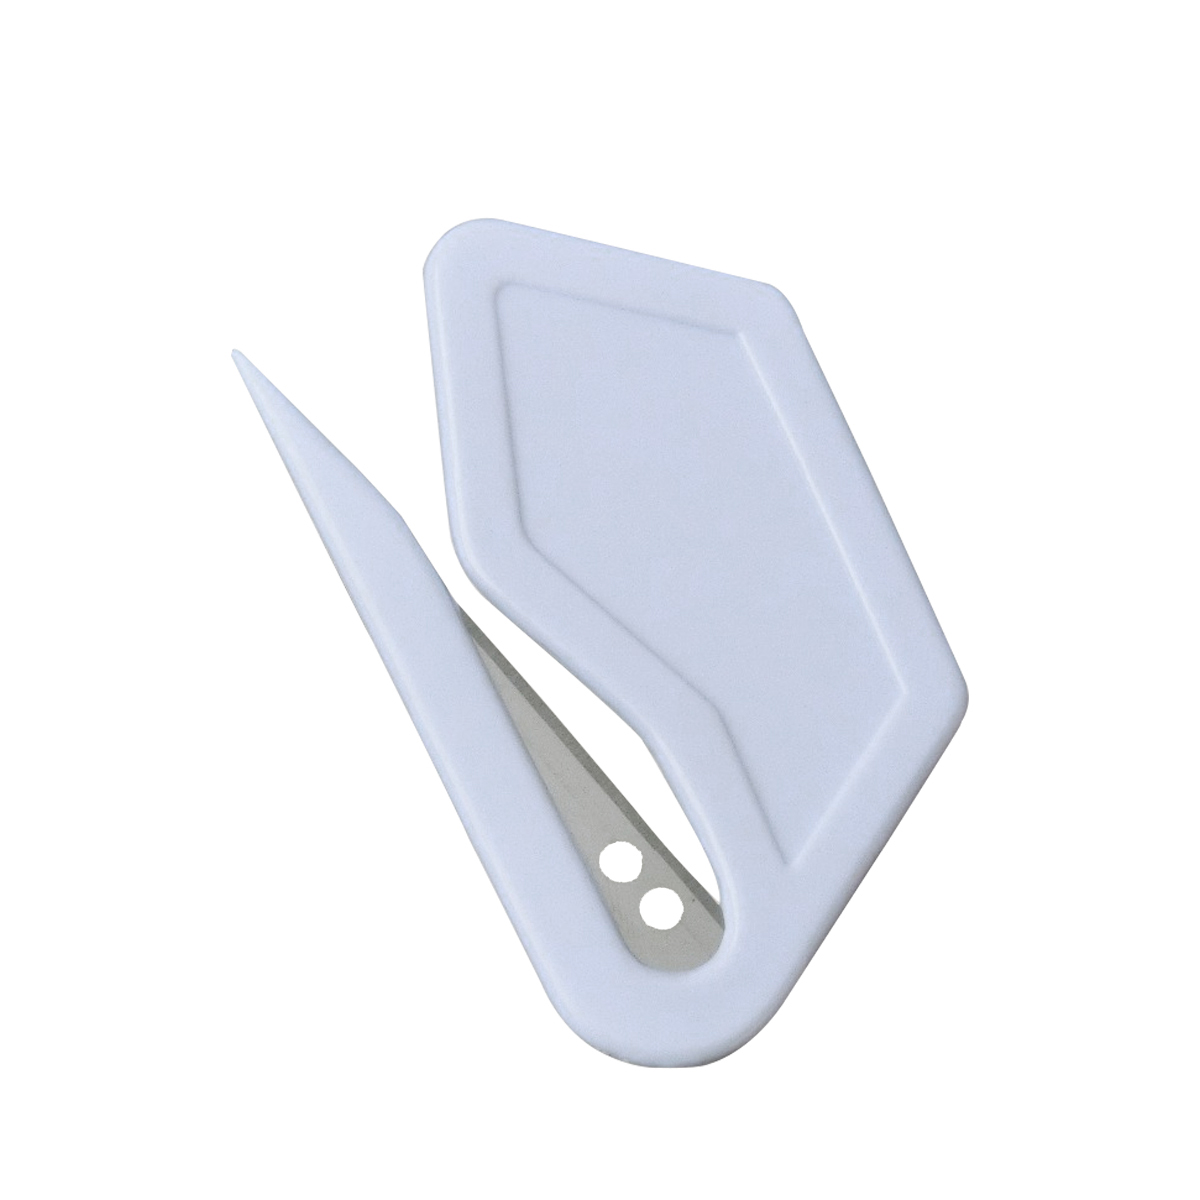 200 Pcs/Pack Mini lettre couteau lettre courrier enveloppe ouvreur Sharp sécurité papier gardé lame de coupe avec Logo personnalisé